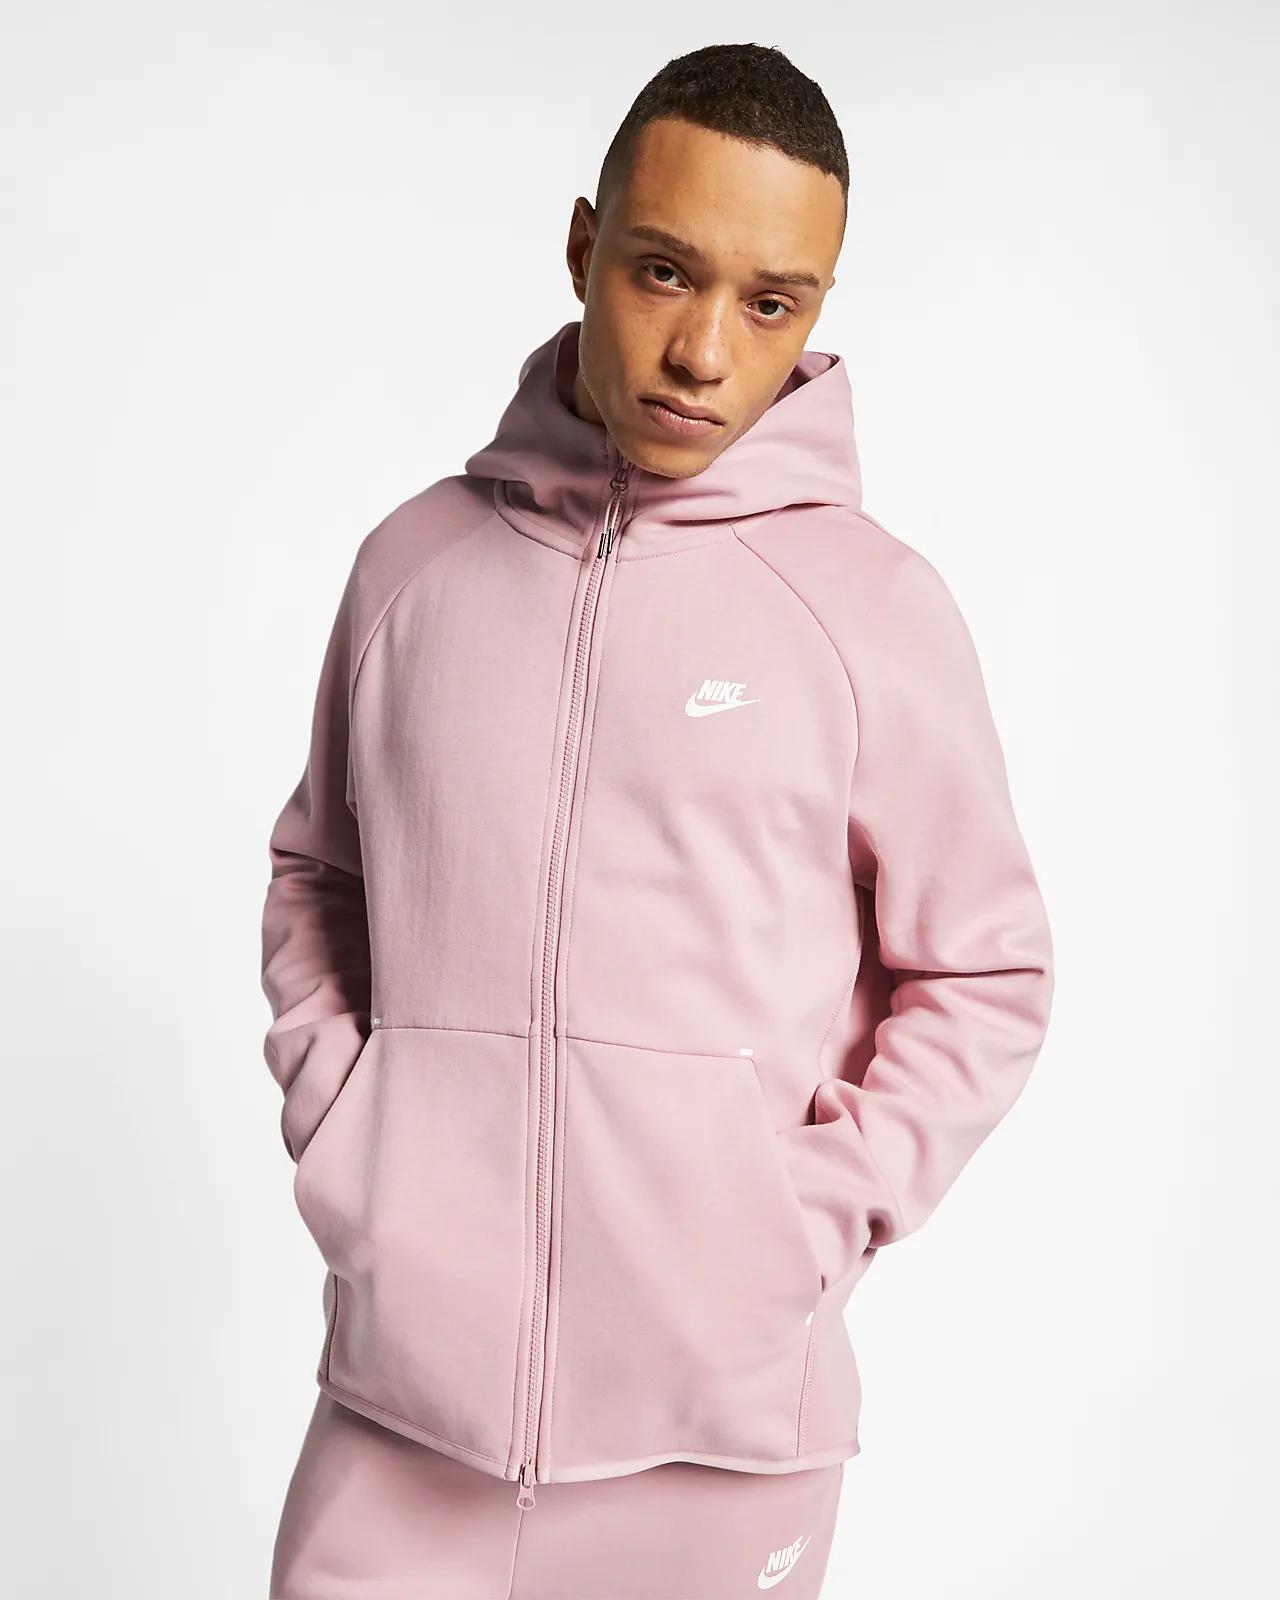 3619e6990 Now Available: Nike Sportswear Tech Fleece Zip Hoodie in Plum Chalk ...